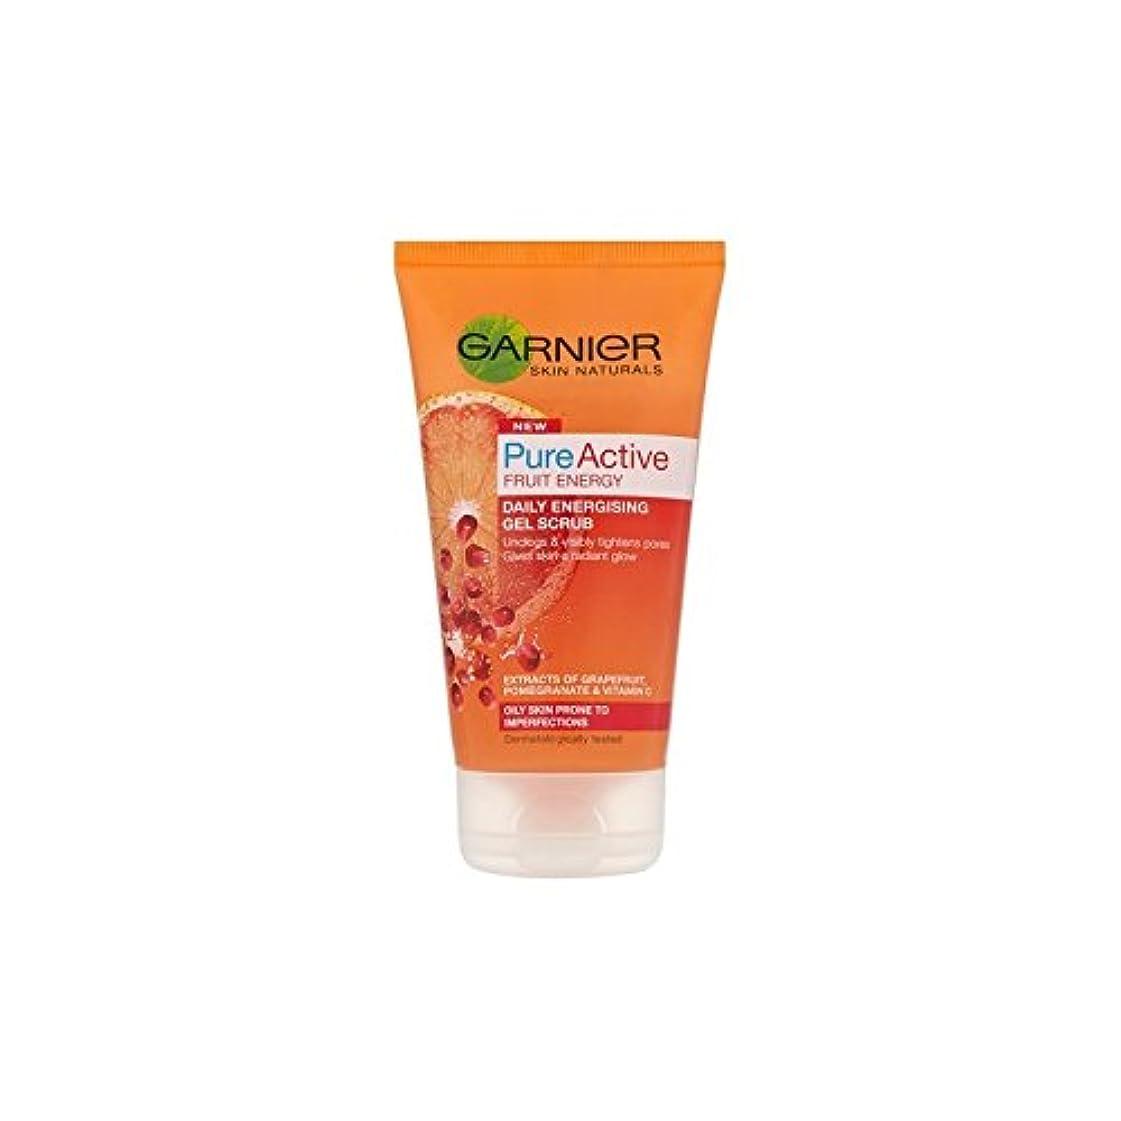 連続した封筒略奪Garnier Skin Naturals Pure Active Energising Gel Scrub (150ml) (Pack of 6) - 純粋な活性通電ゲルスクラブ(150ミリリットル)ガルニエ皮膚ナチュラル x6 [並行輸入品]